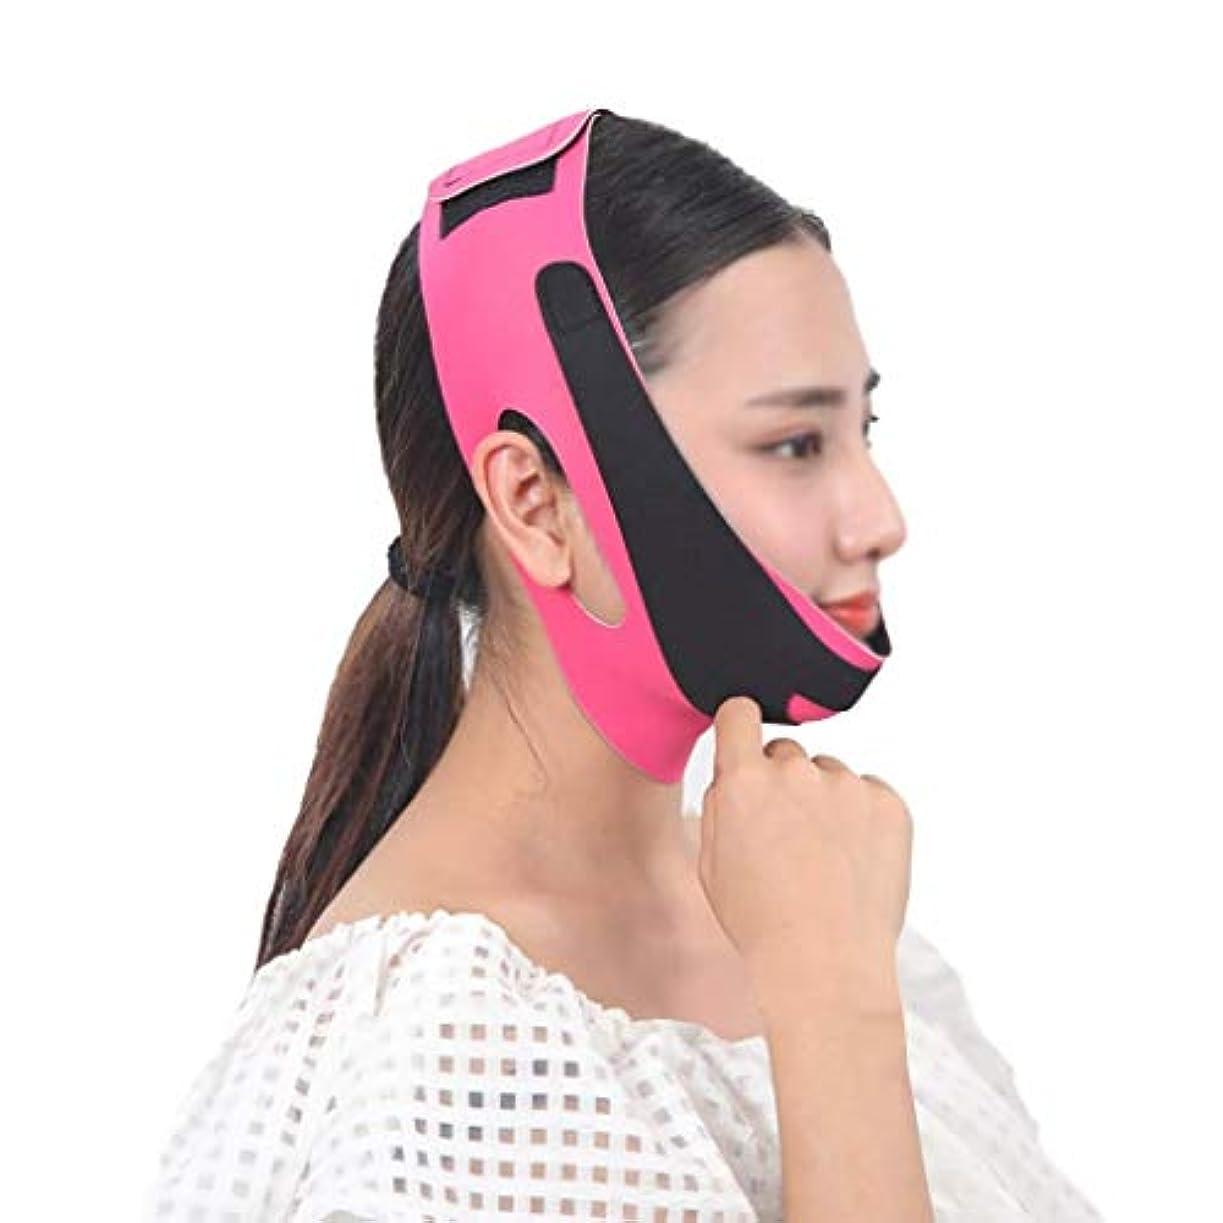 太陽純度一掃する顔と首のリフト術後の弾性フェイスマスク小V顔アーティファクト薄い顔包帯アーティファクトV顔吊り耳リフティング引き締め薄い顔アーティファクト